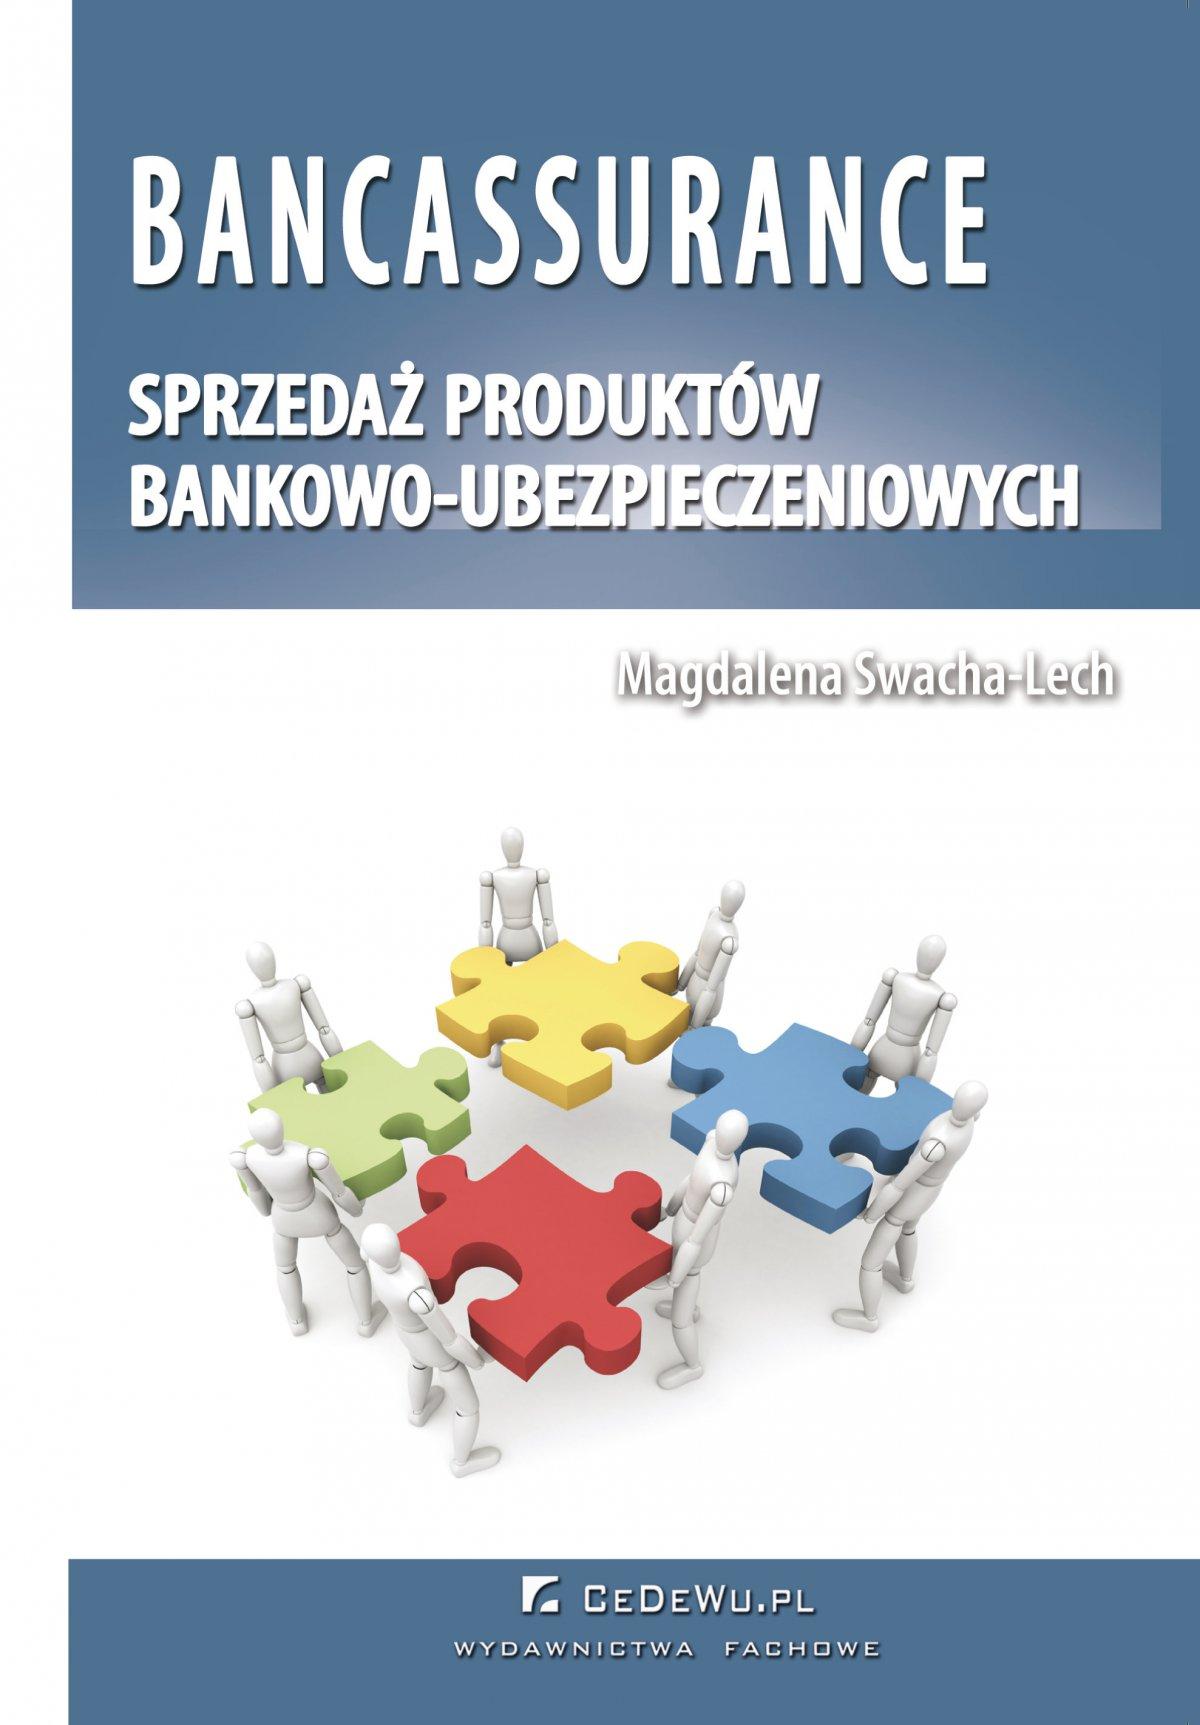 Bancassurance. Sprzedaż produktów bankowo-ubezpieczeniowych - Ebook (Książka PDF) do pobrania w formacie PDF